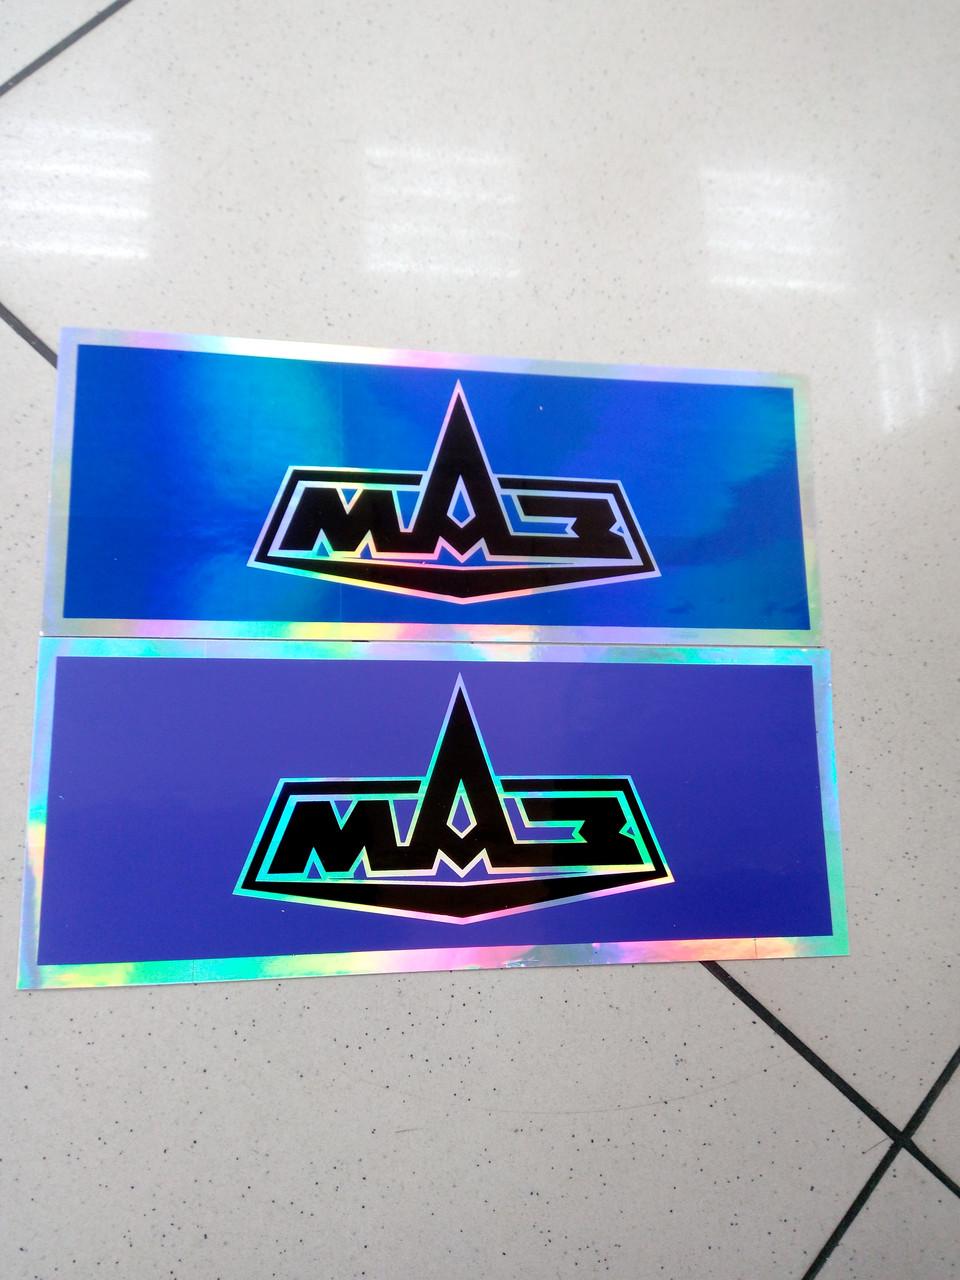 Виниловые наклейки  МАЗ  9х23 см   2 цвета